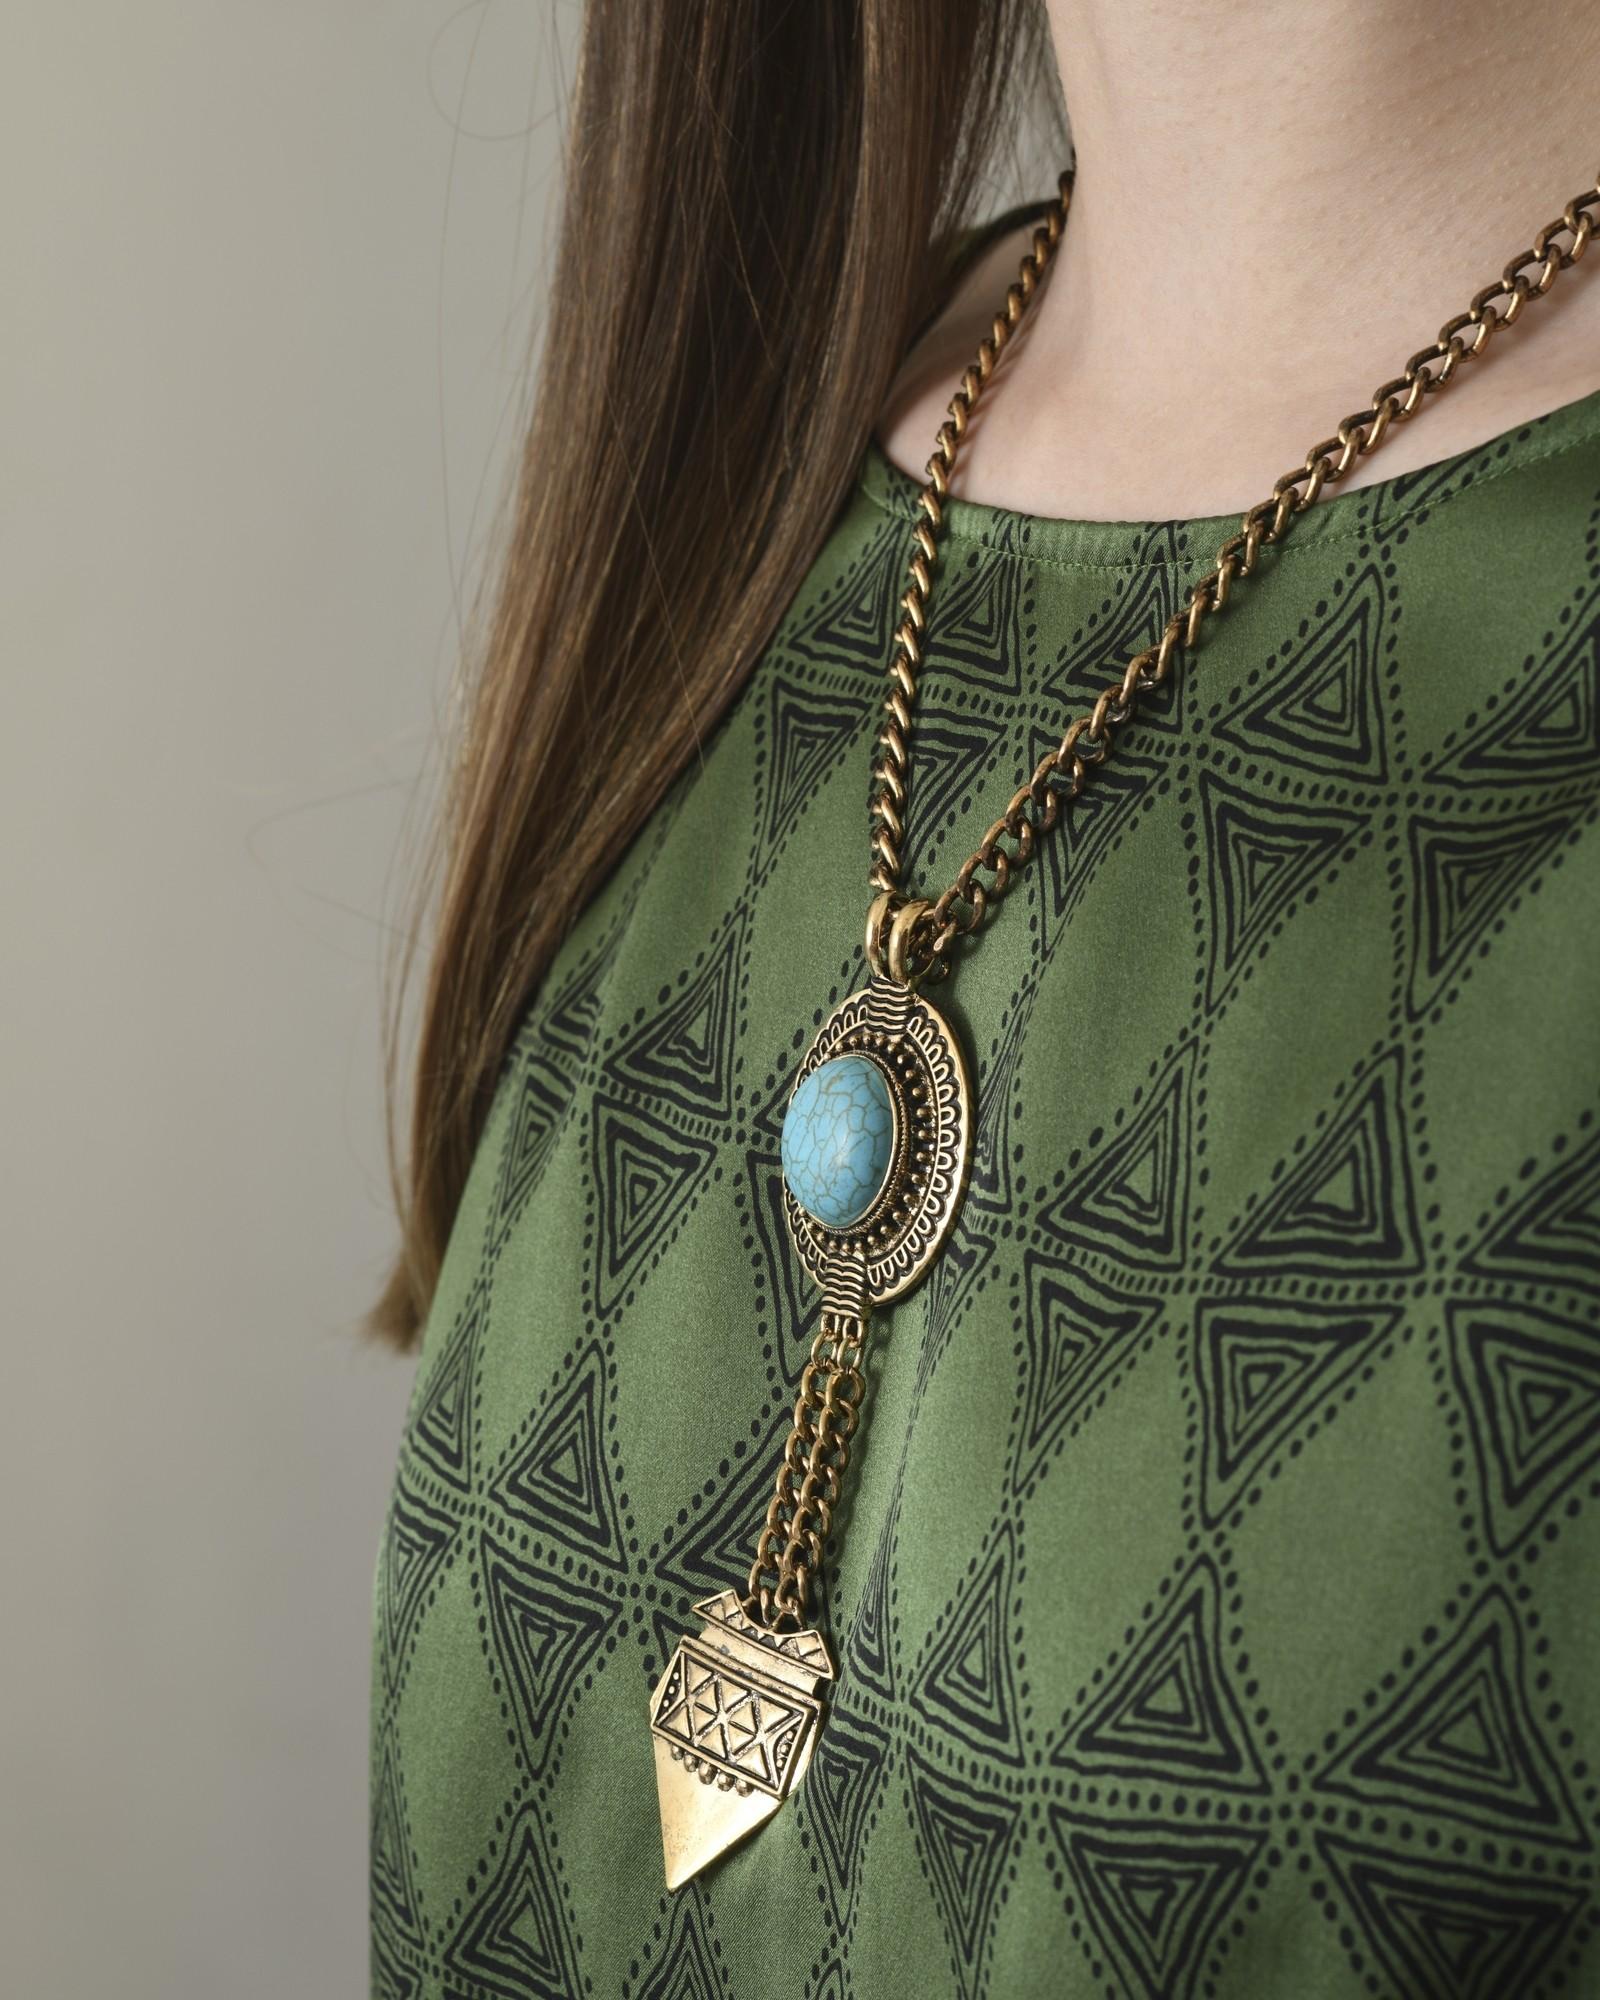 Collier en métal doré vieilli et pierre turquoise Bsb